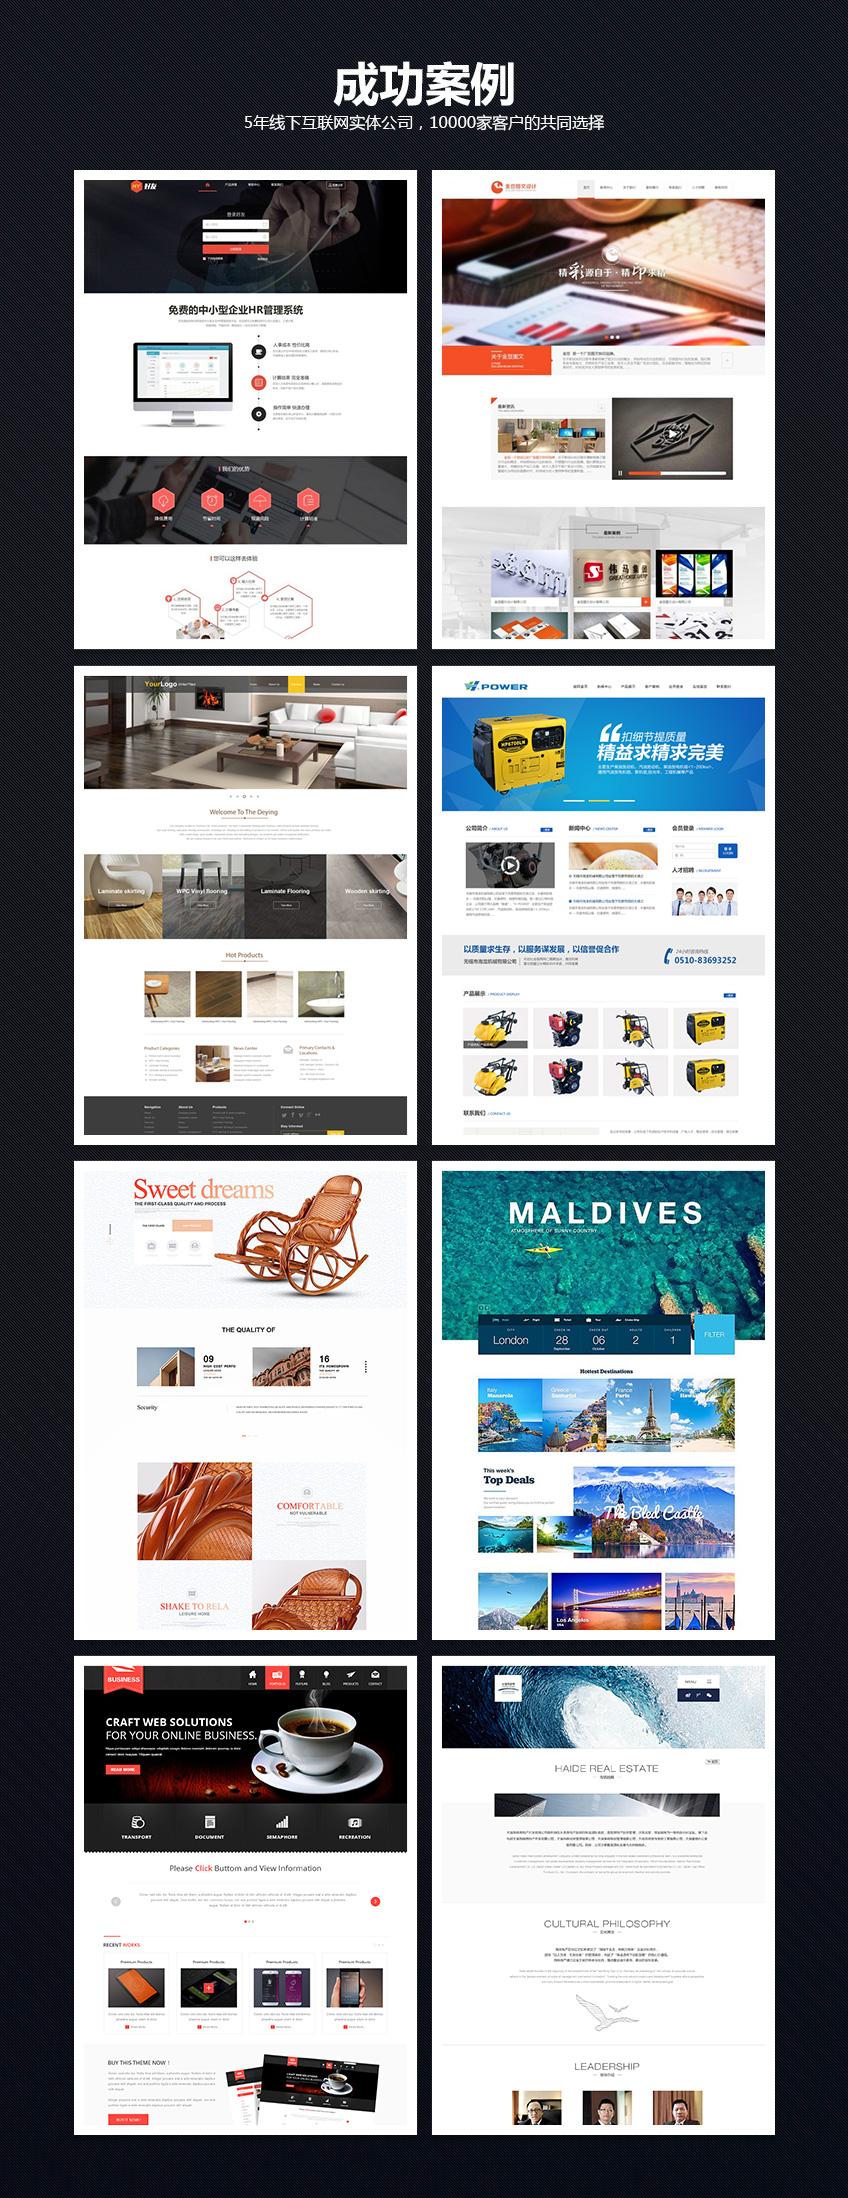 企业网站_精美版定制|外贸企业网站|欧美网站建设|中英双语版网站开发5